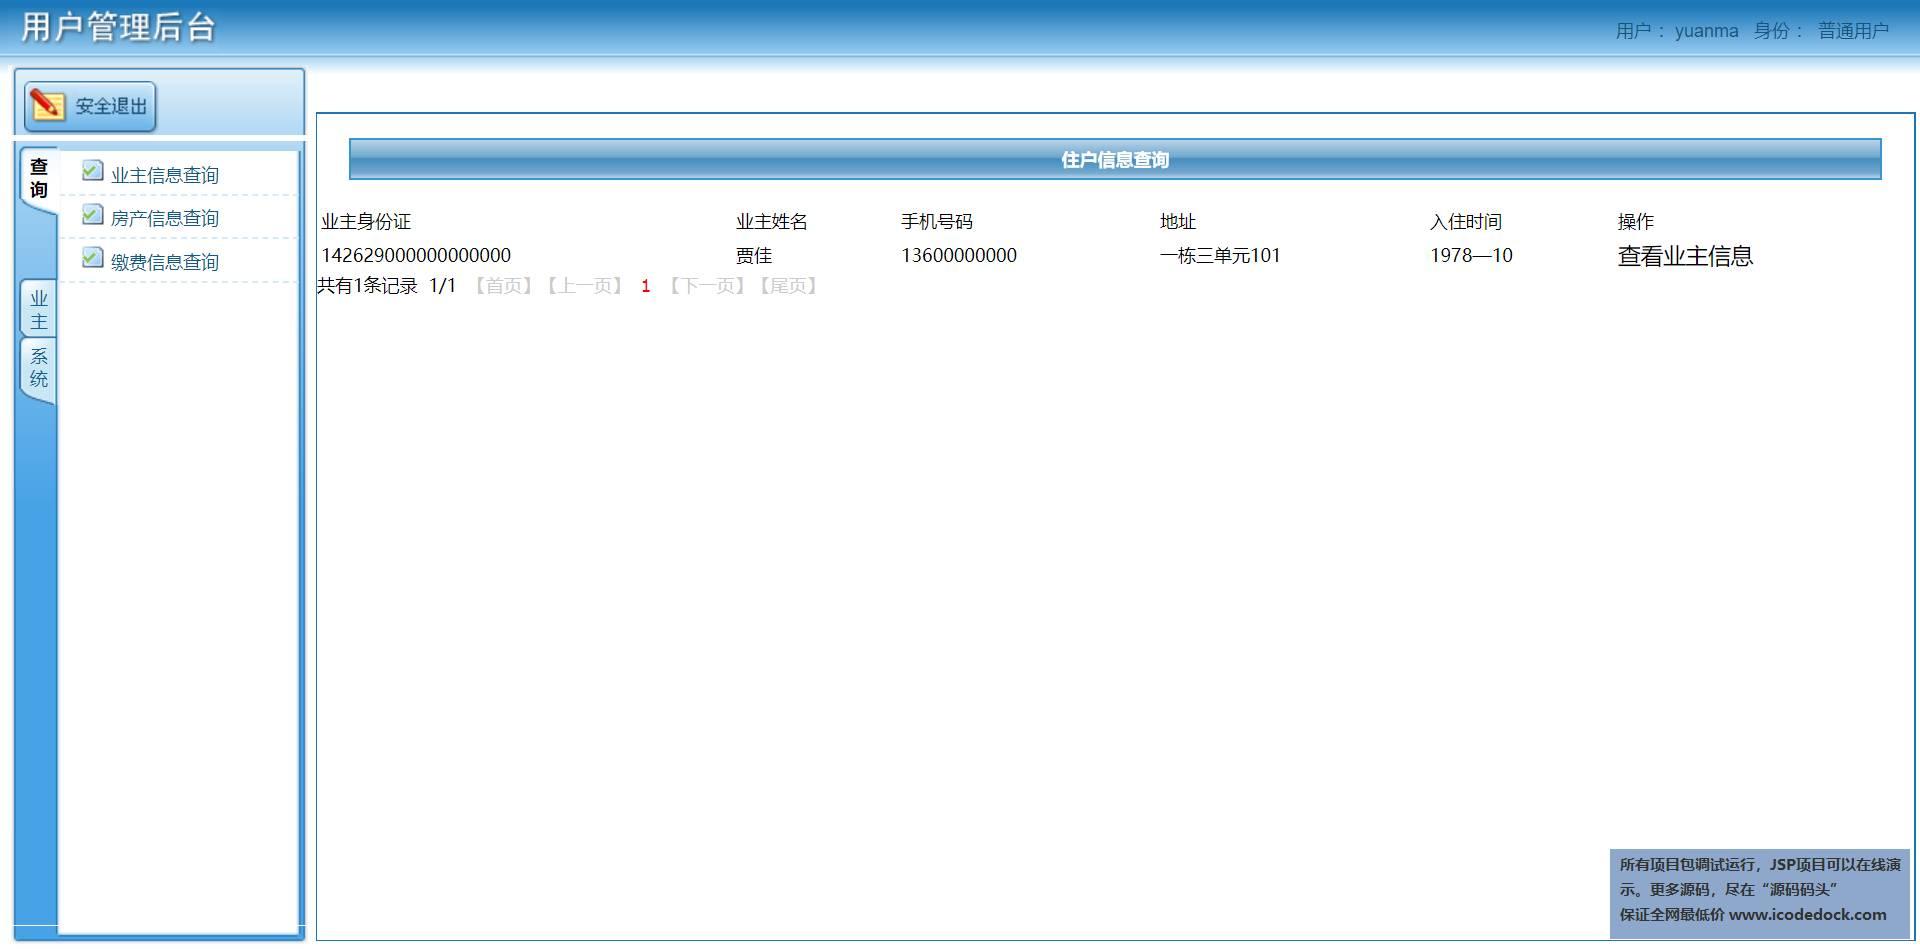 源码码头-SSH物业管理系统-用户角色-业主信息查询